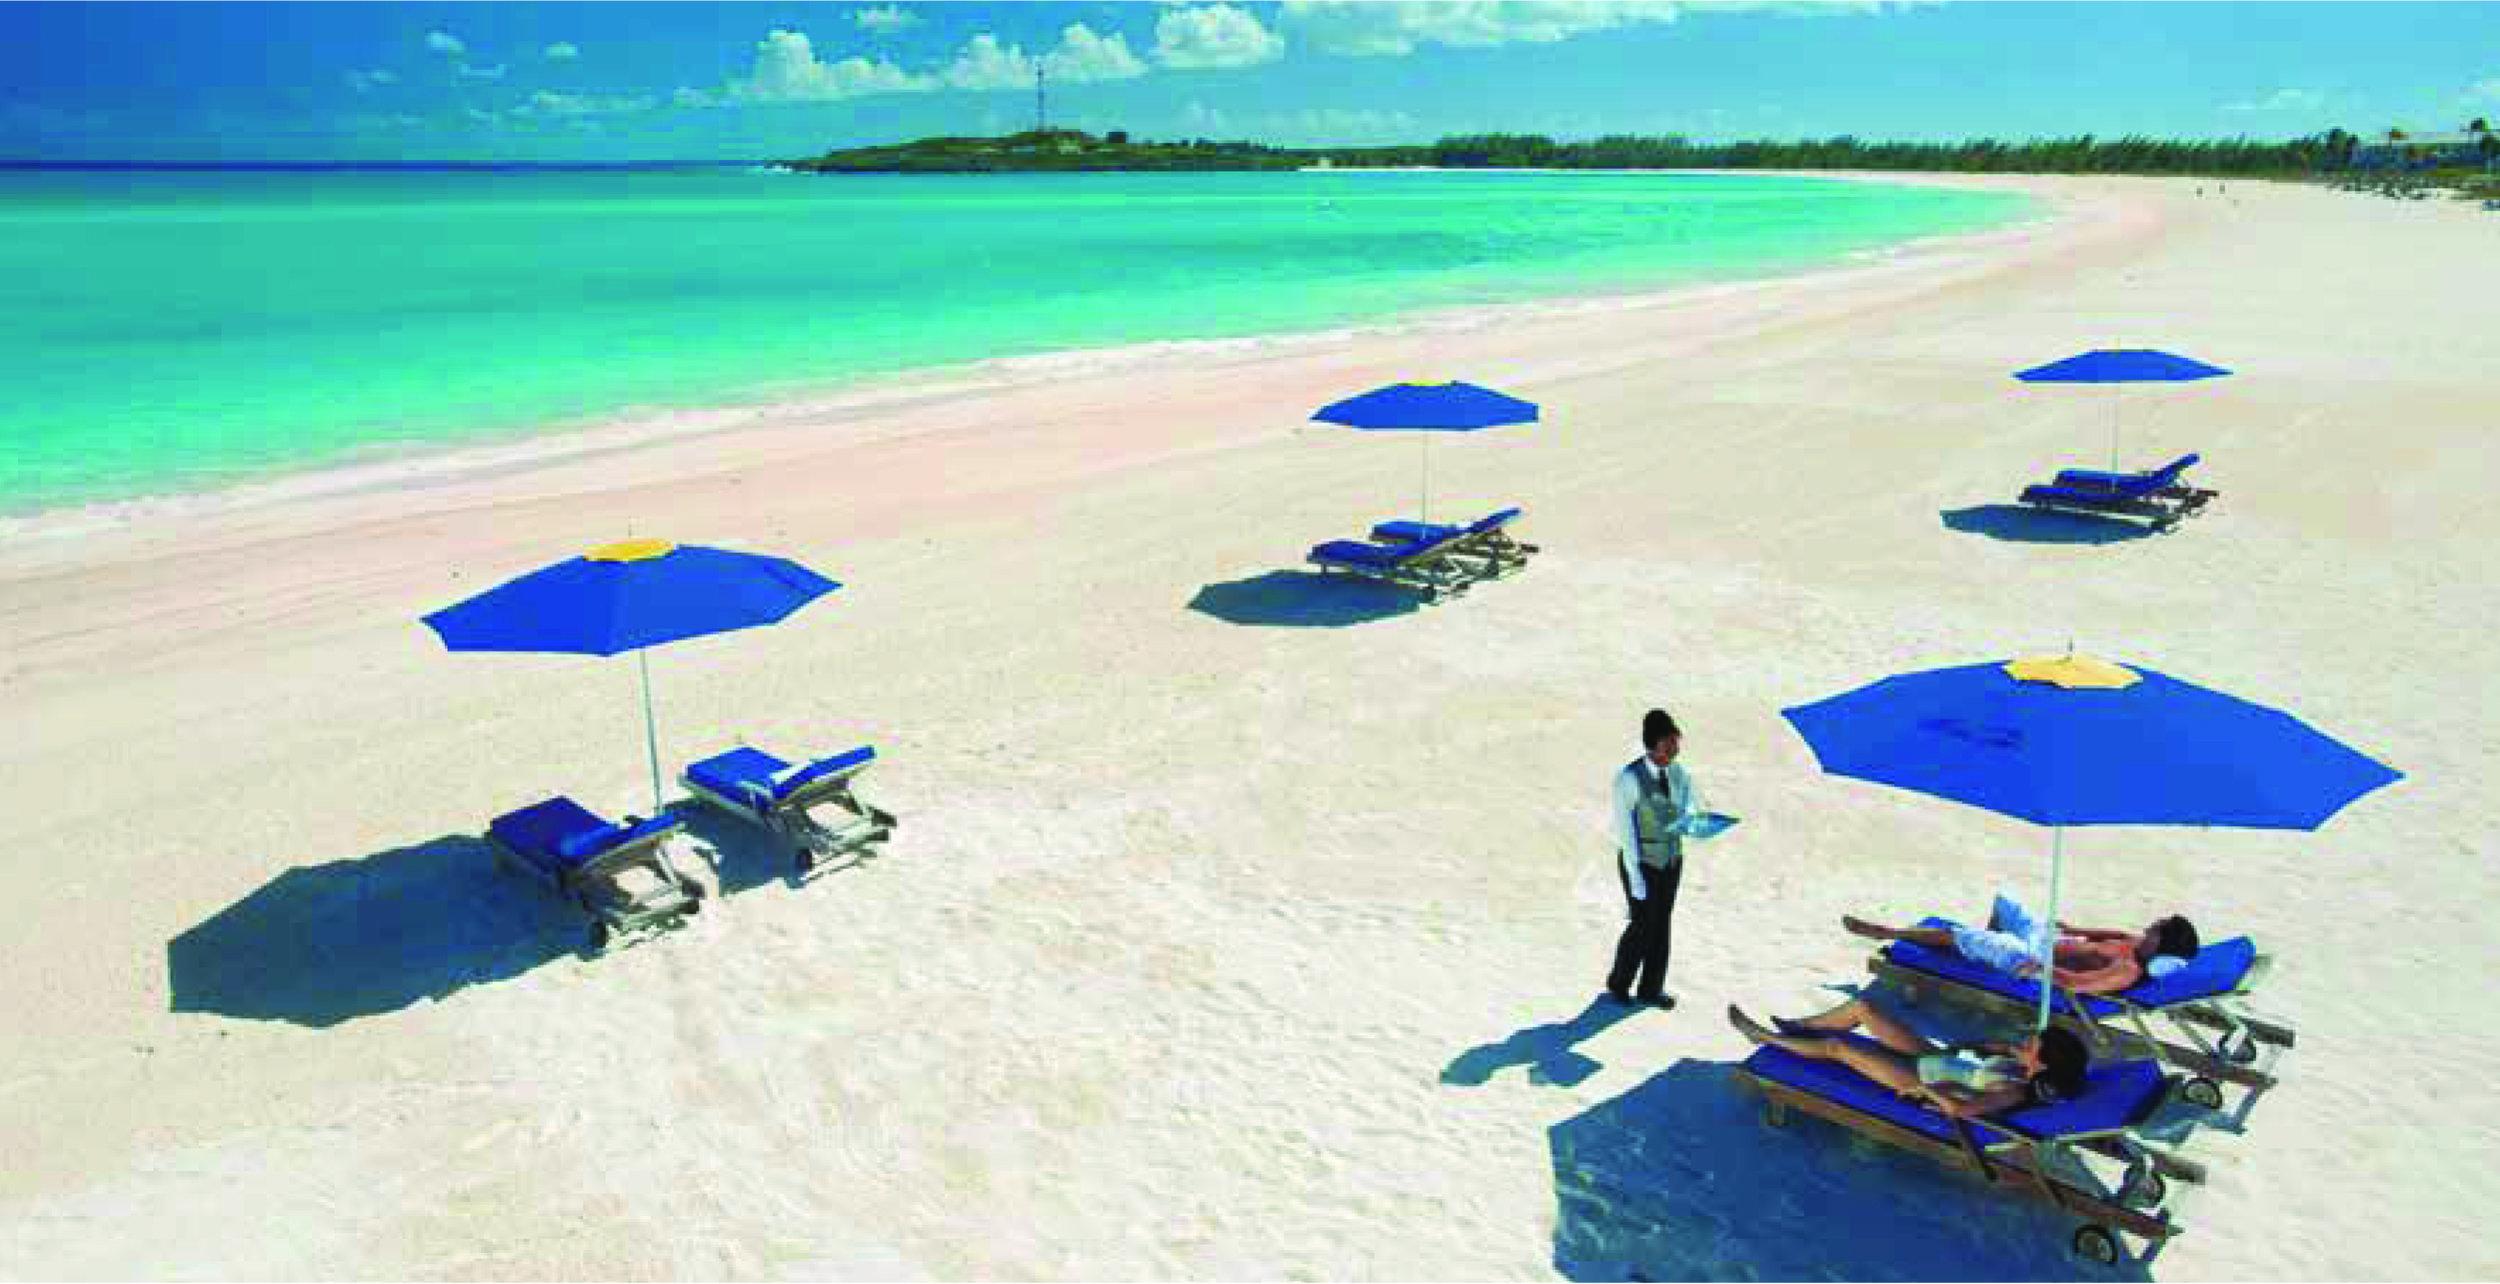 Praia em Bimini - imagem cortesia do Ministério do Turismo das Bahamas